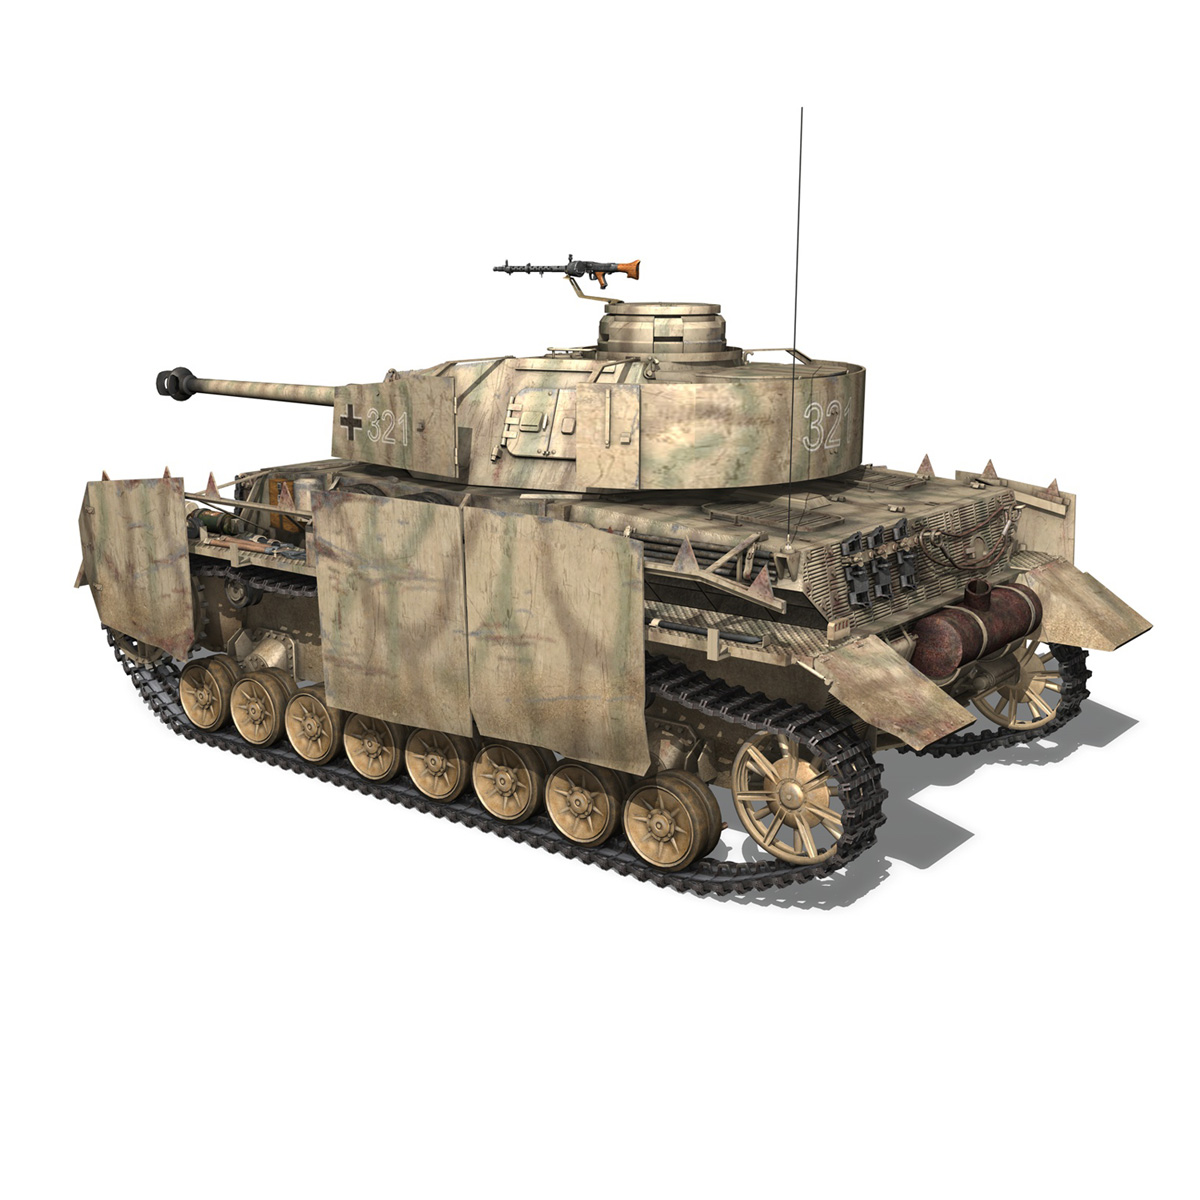 sd.kfz 161 pzkpfw iv panzer 4 ausf.h late 3d model 3ds fbx c4d lwo obj 190342